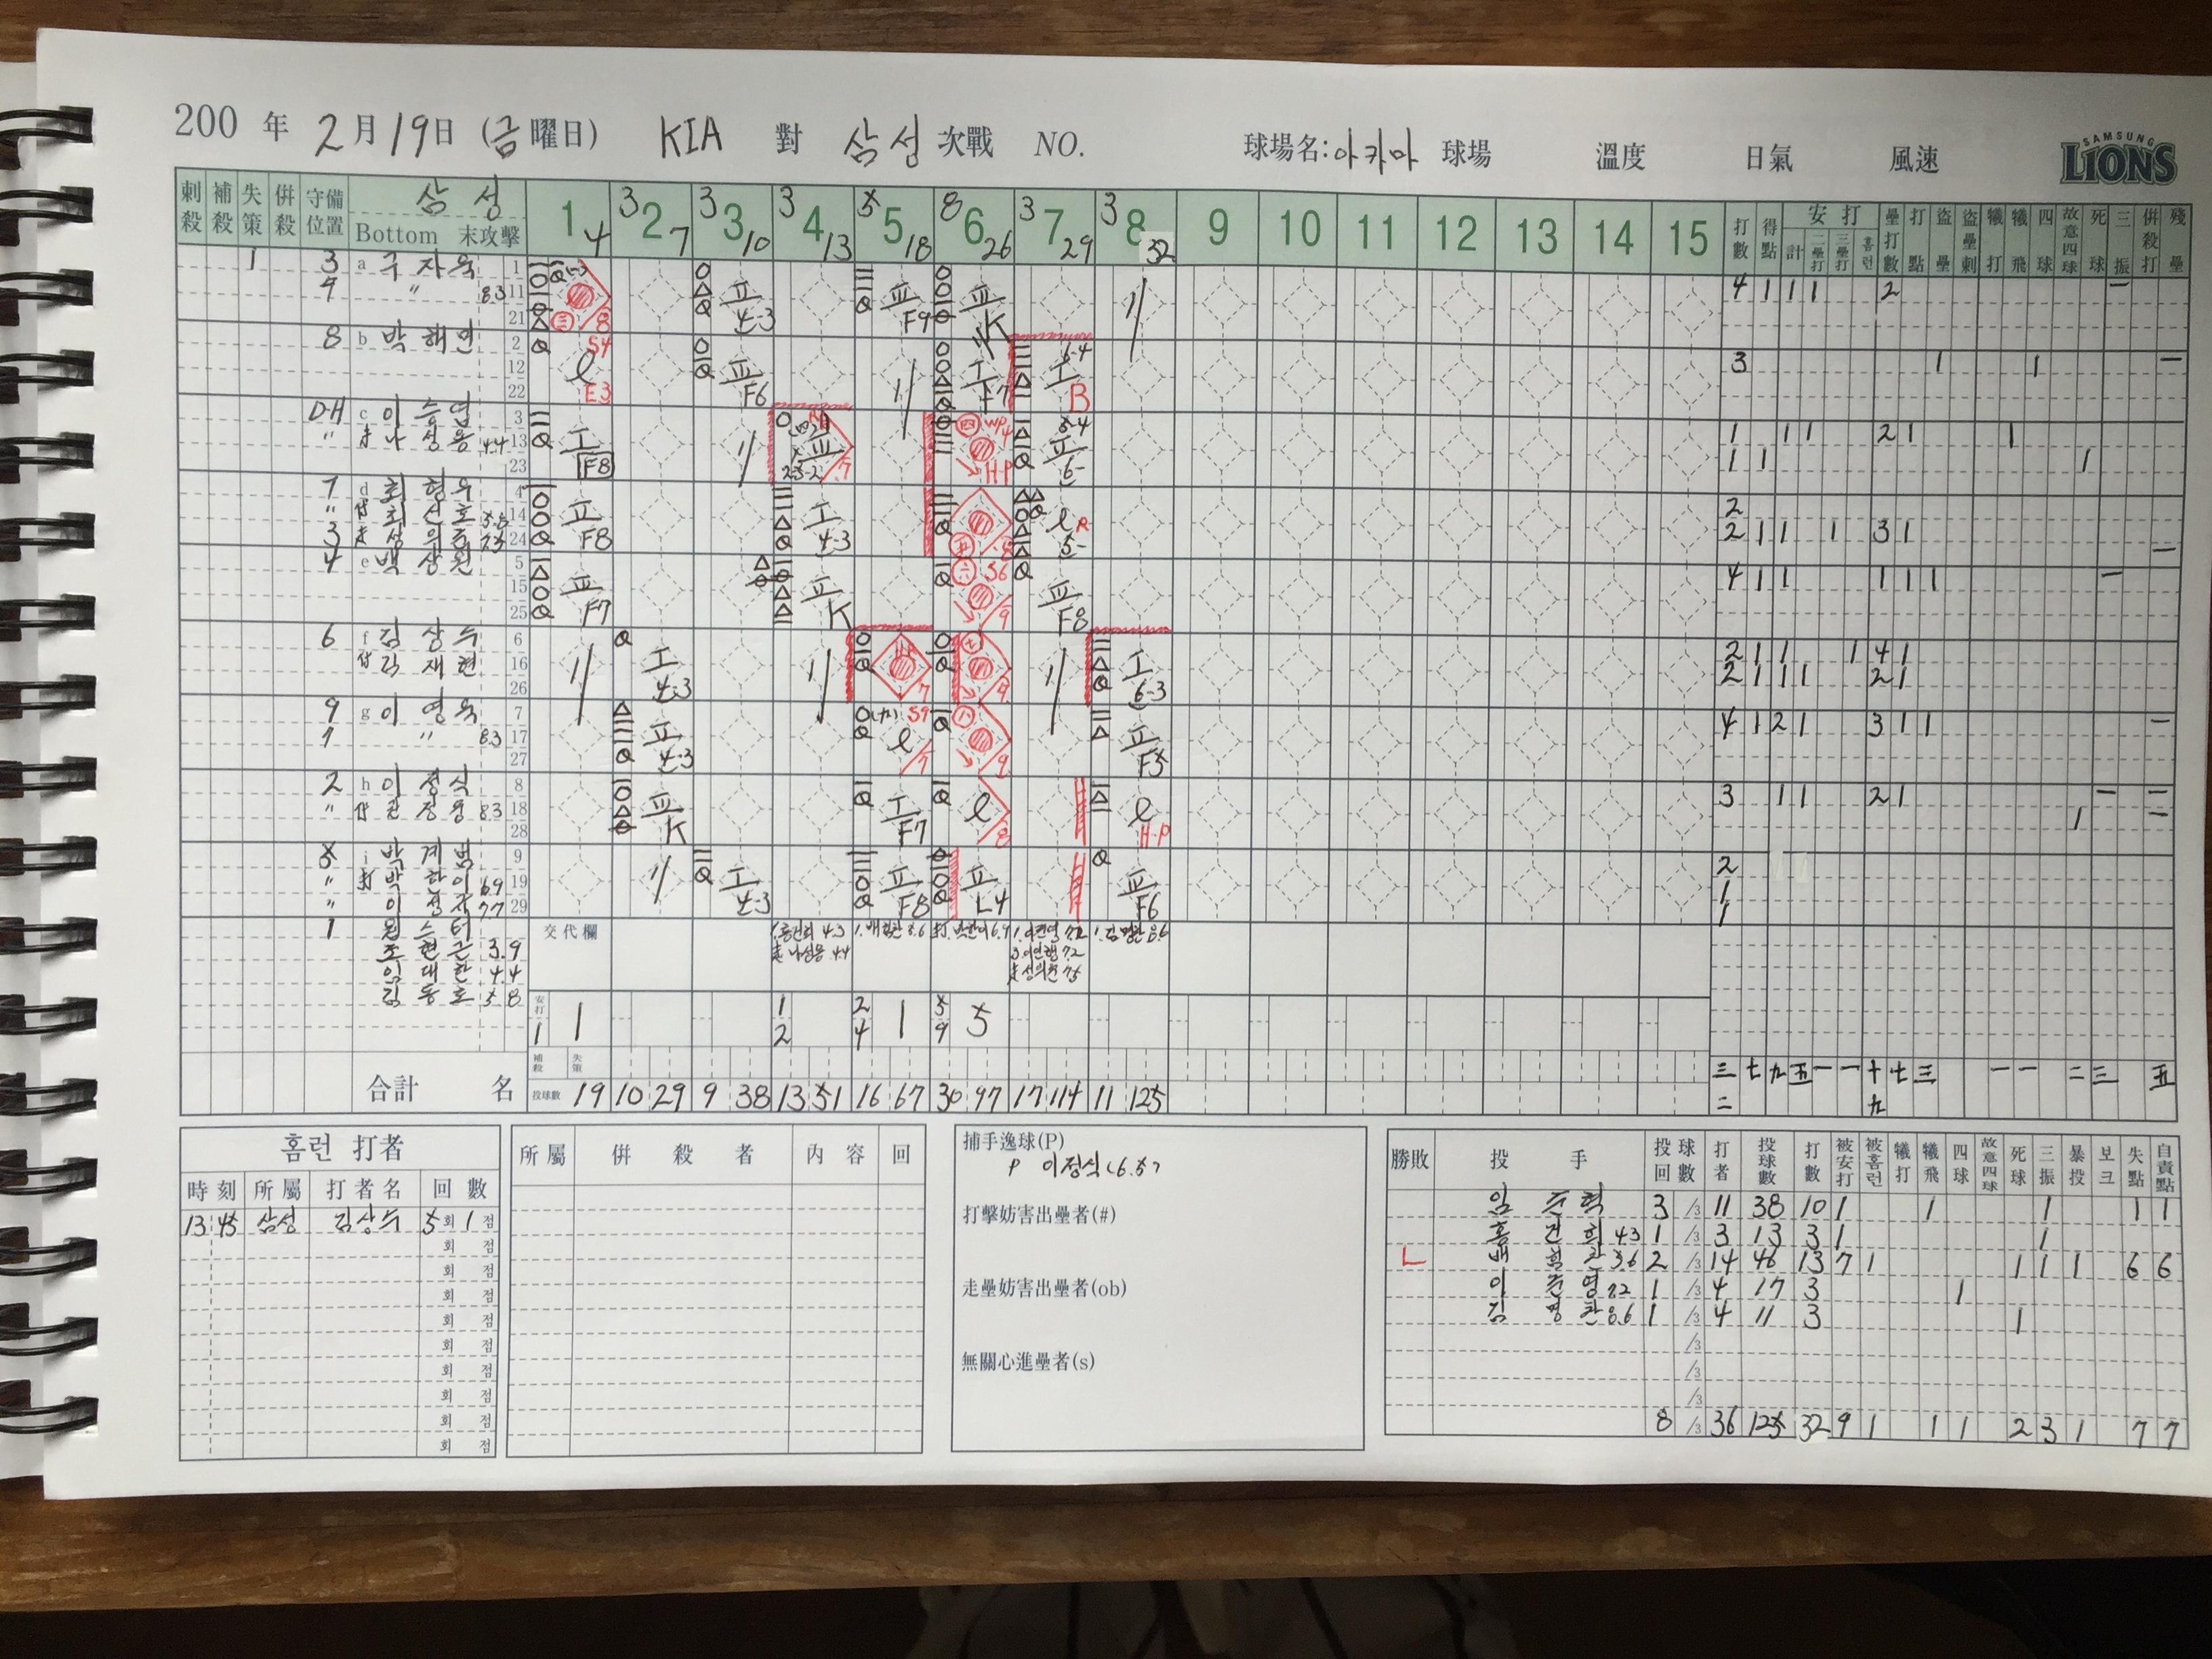 삼성 웹스터 148km, KIA와 연습경기 7대1 승리